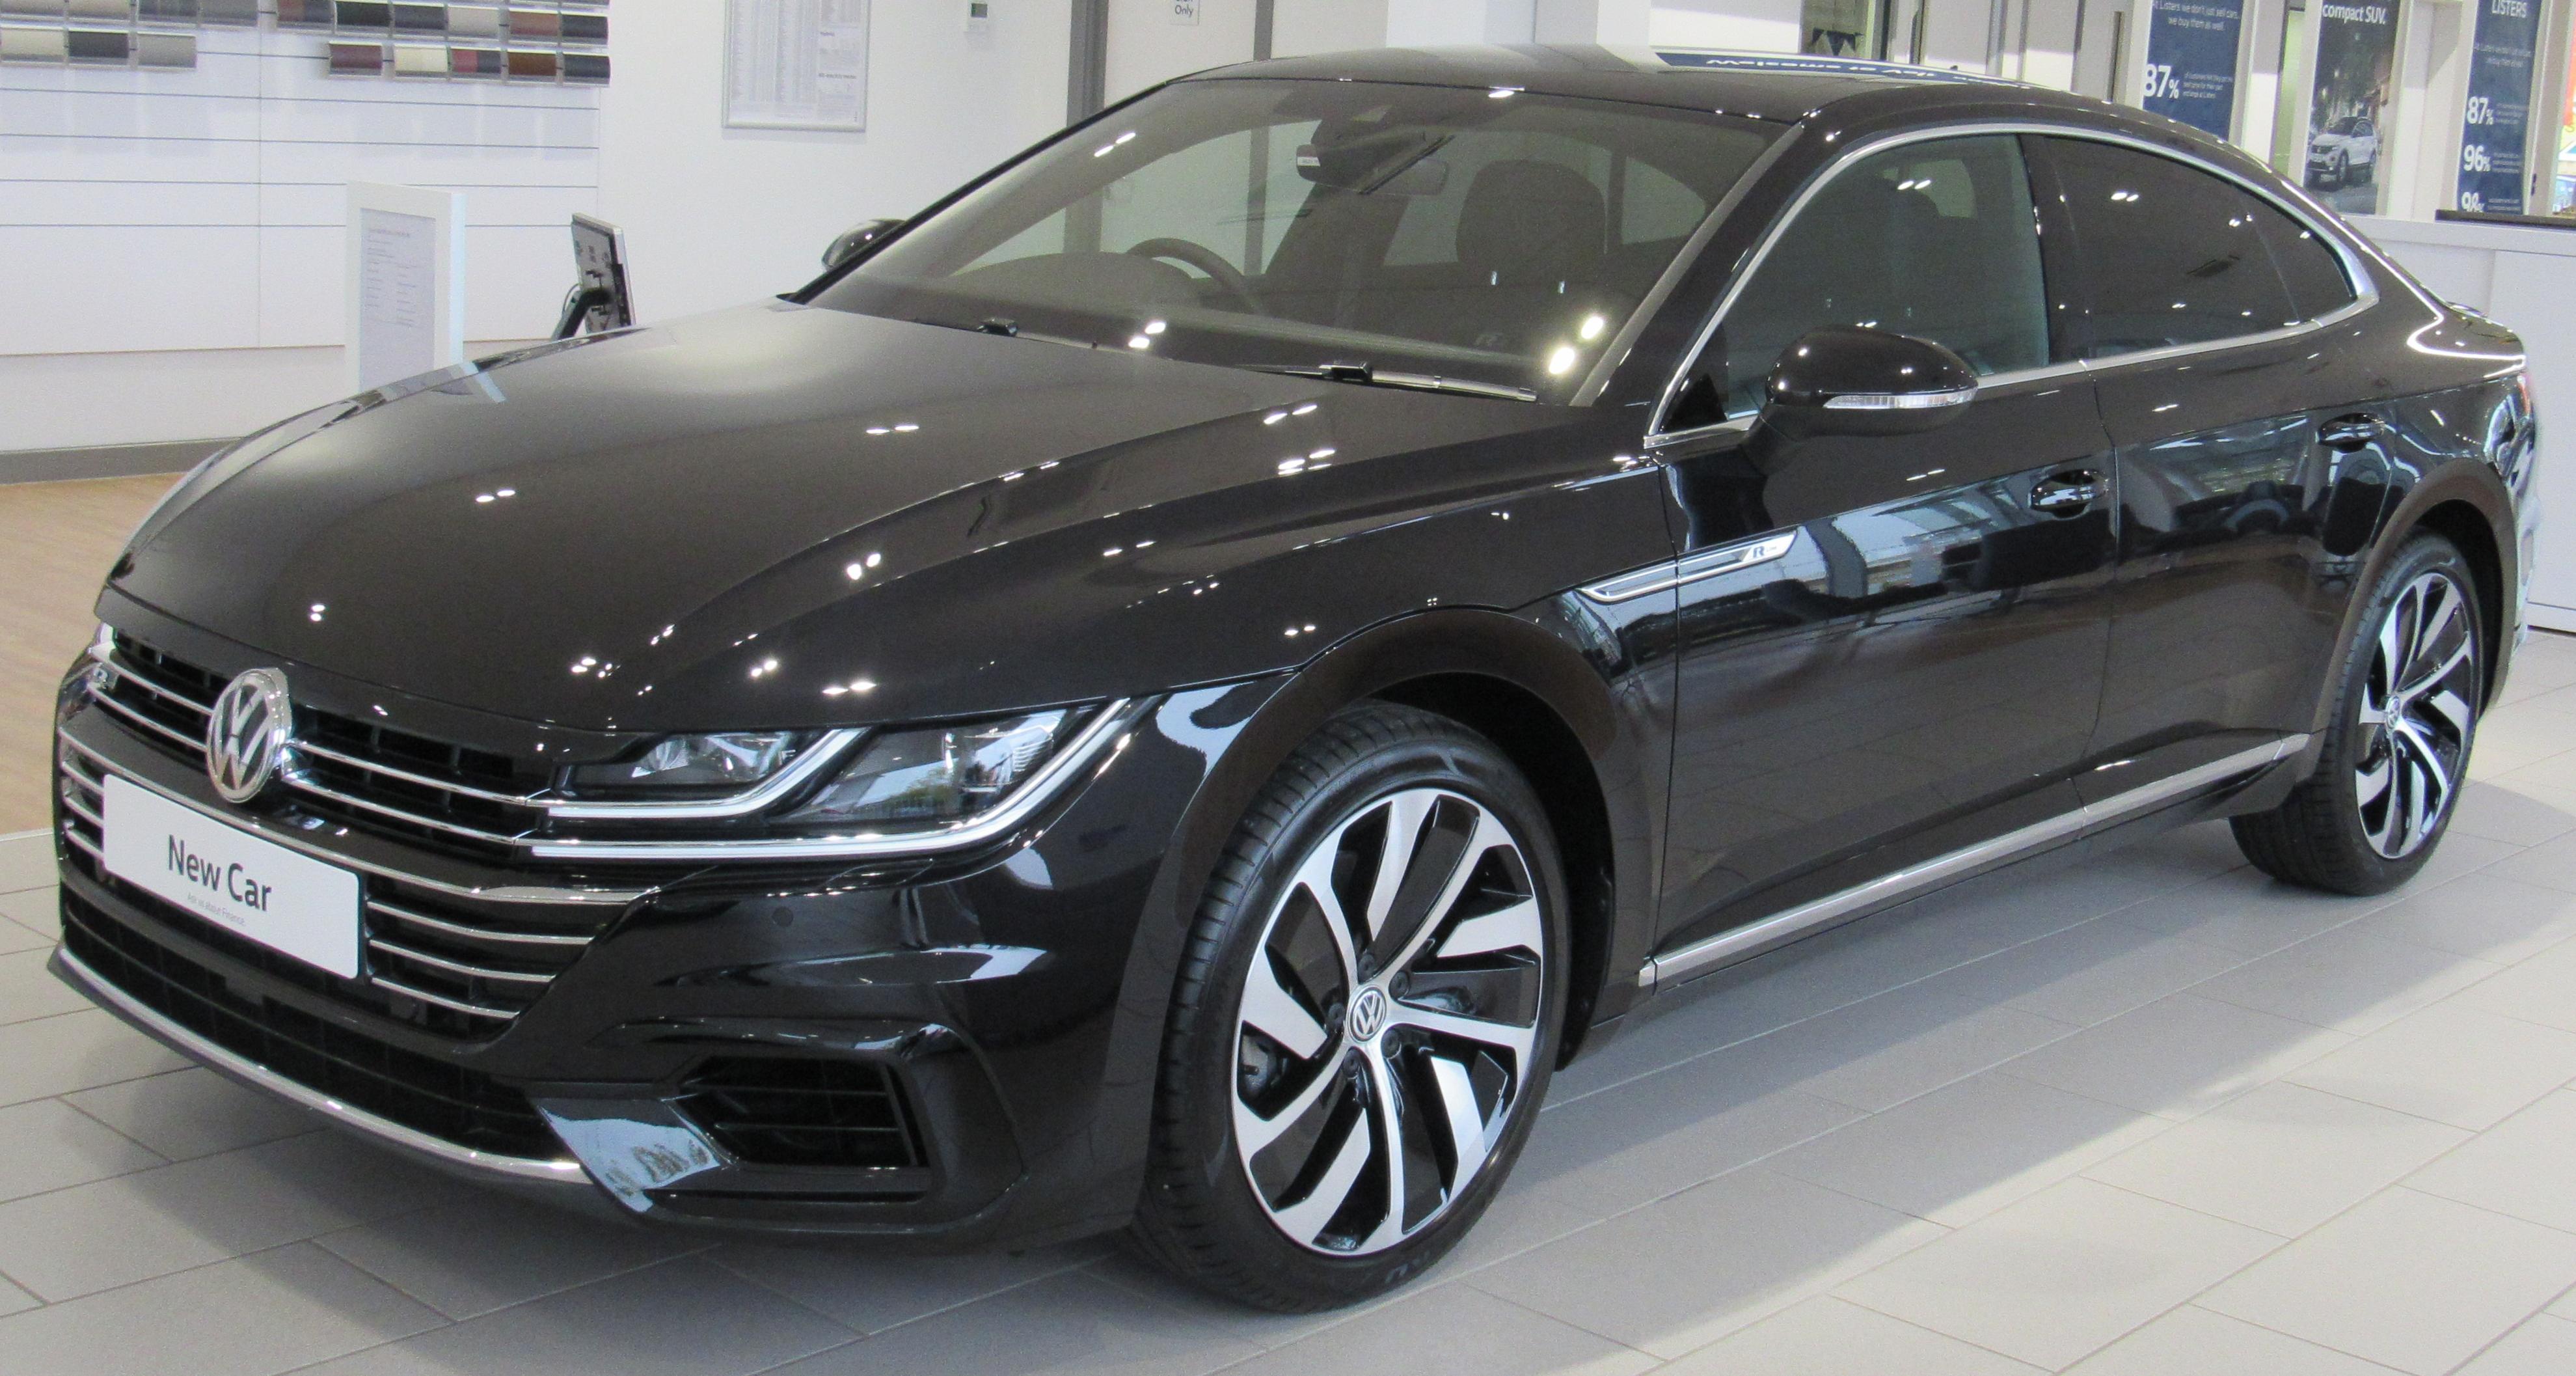 Volkswagen sedan, black, in an auto sales showroom